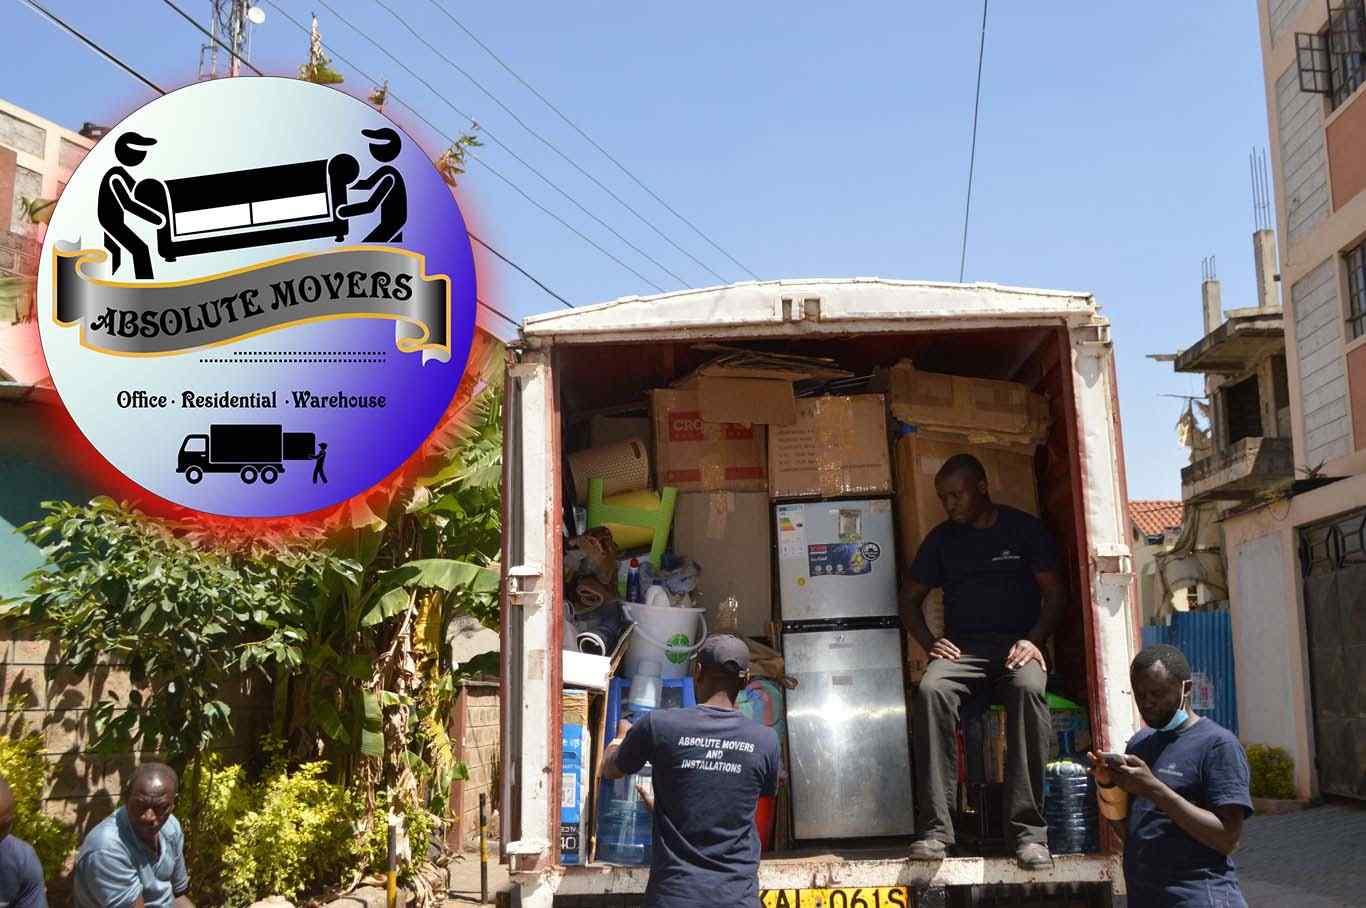 Moving services Company in Nairobi Kenya